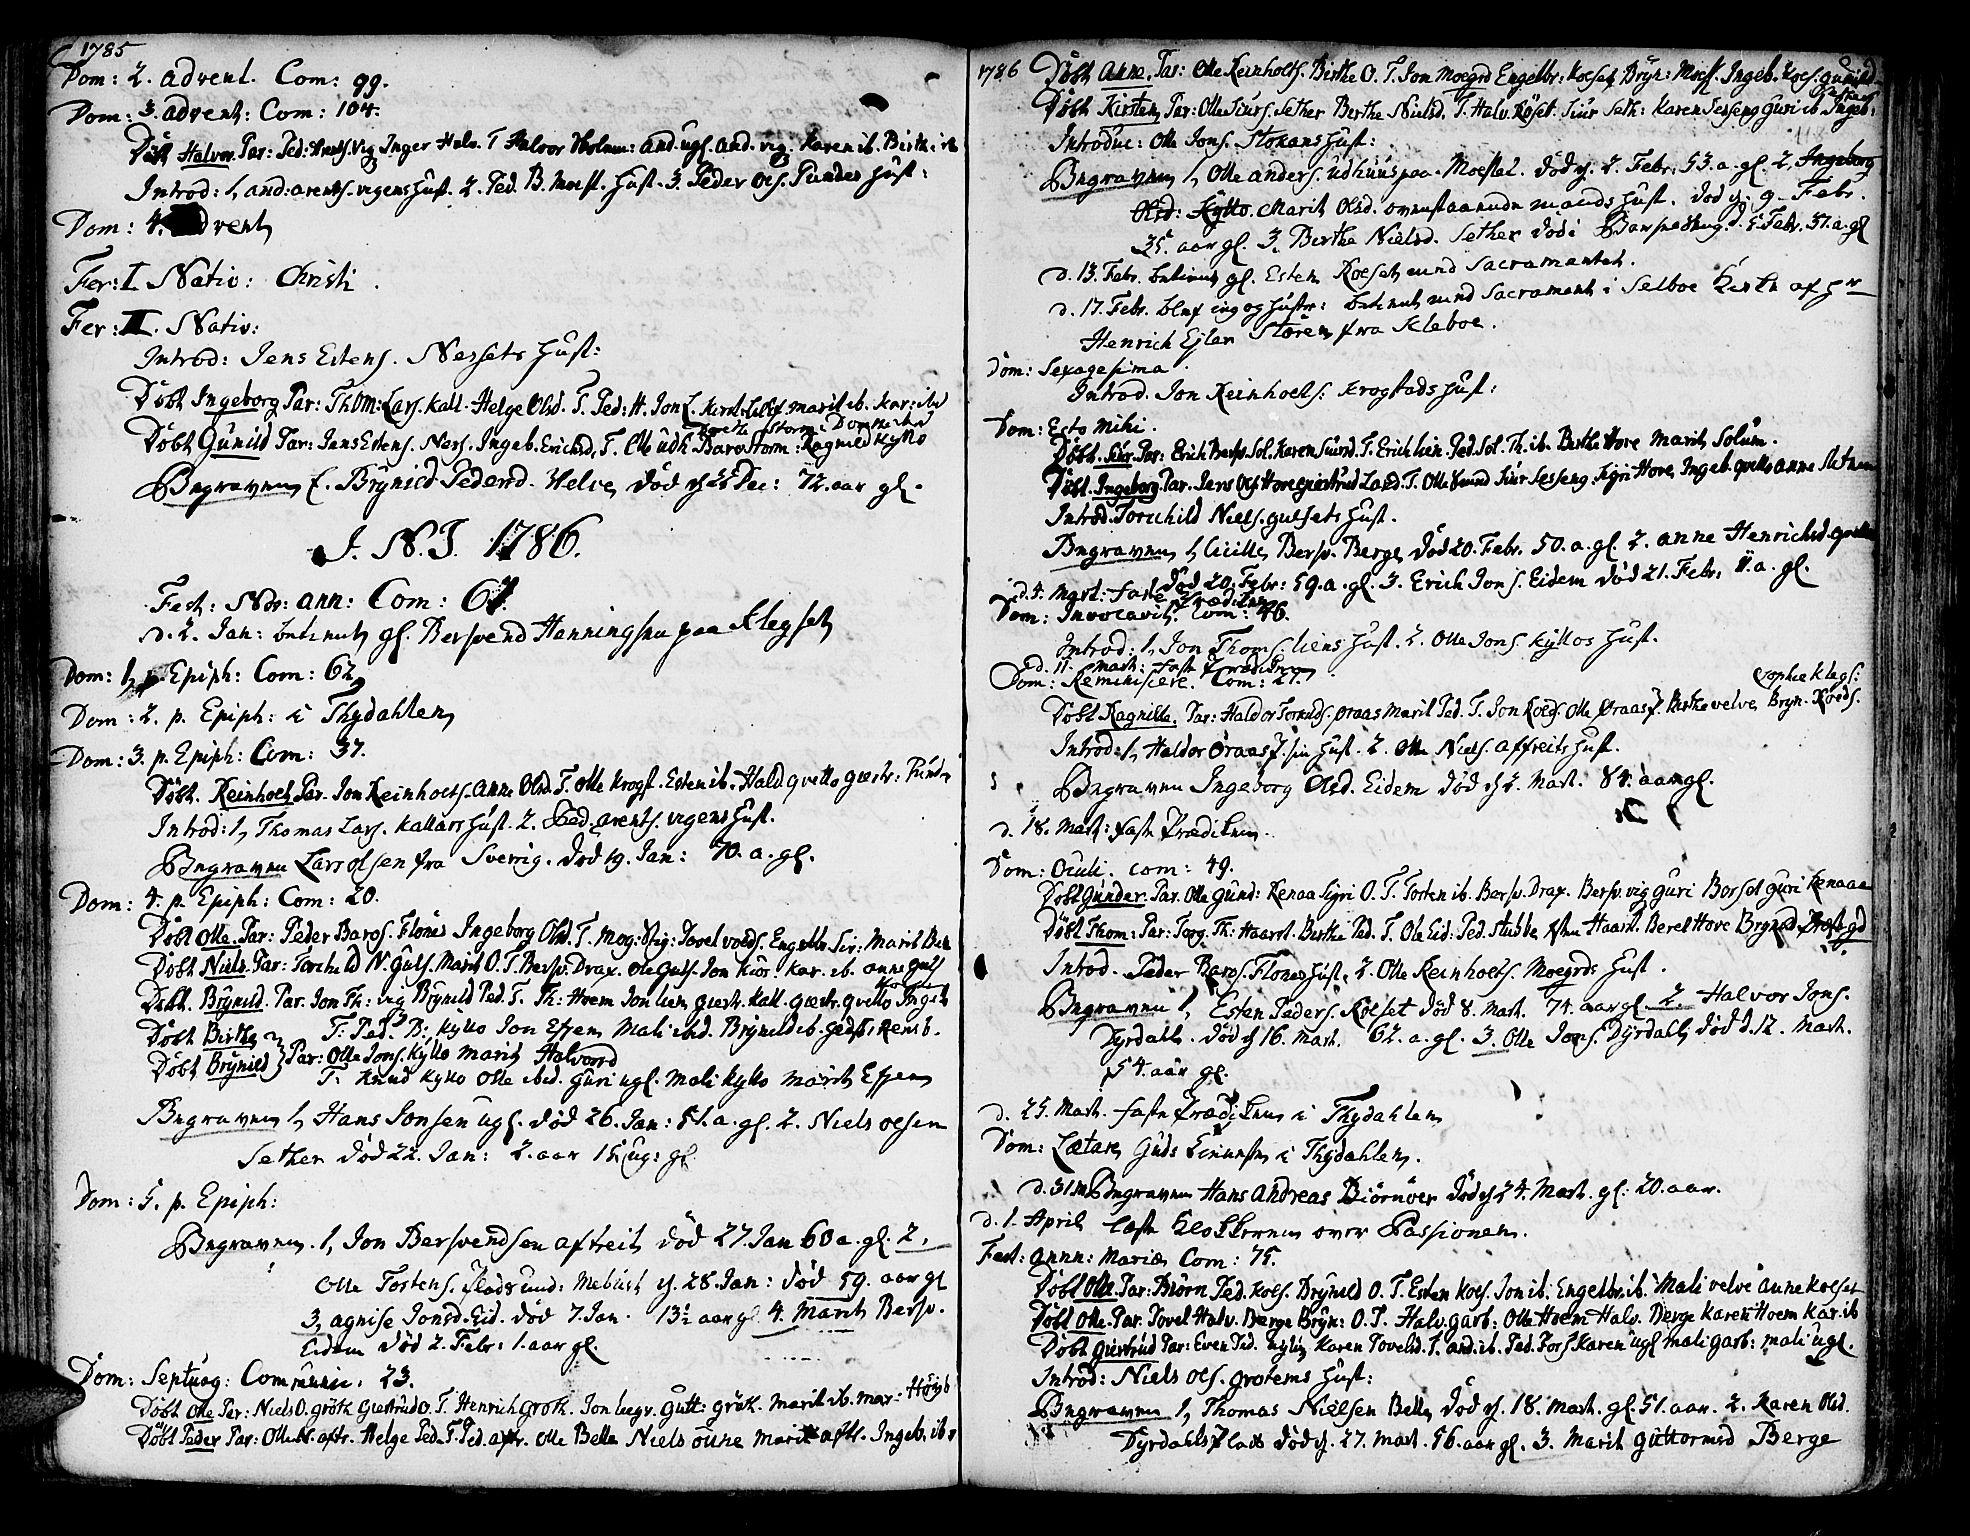 SAT, Ministerialprotokoller, klokkerbøker og fødselsregistre - Sør-Trøndelag, 695/L1138: Ministerialbok nr. 695A02 /1, 1757-1801, s. 118